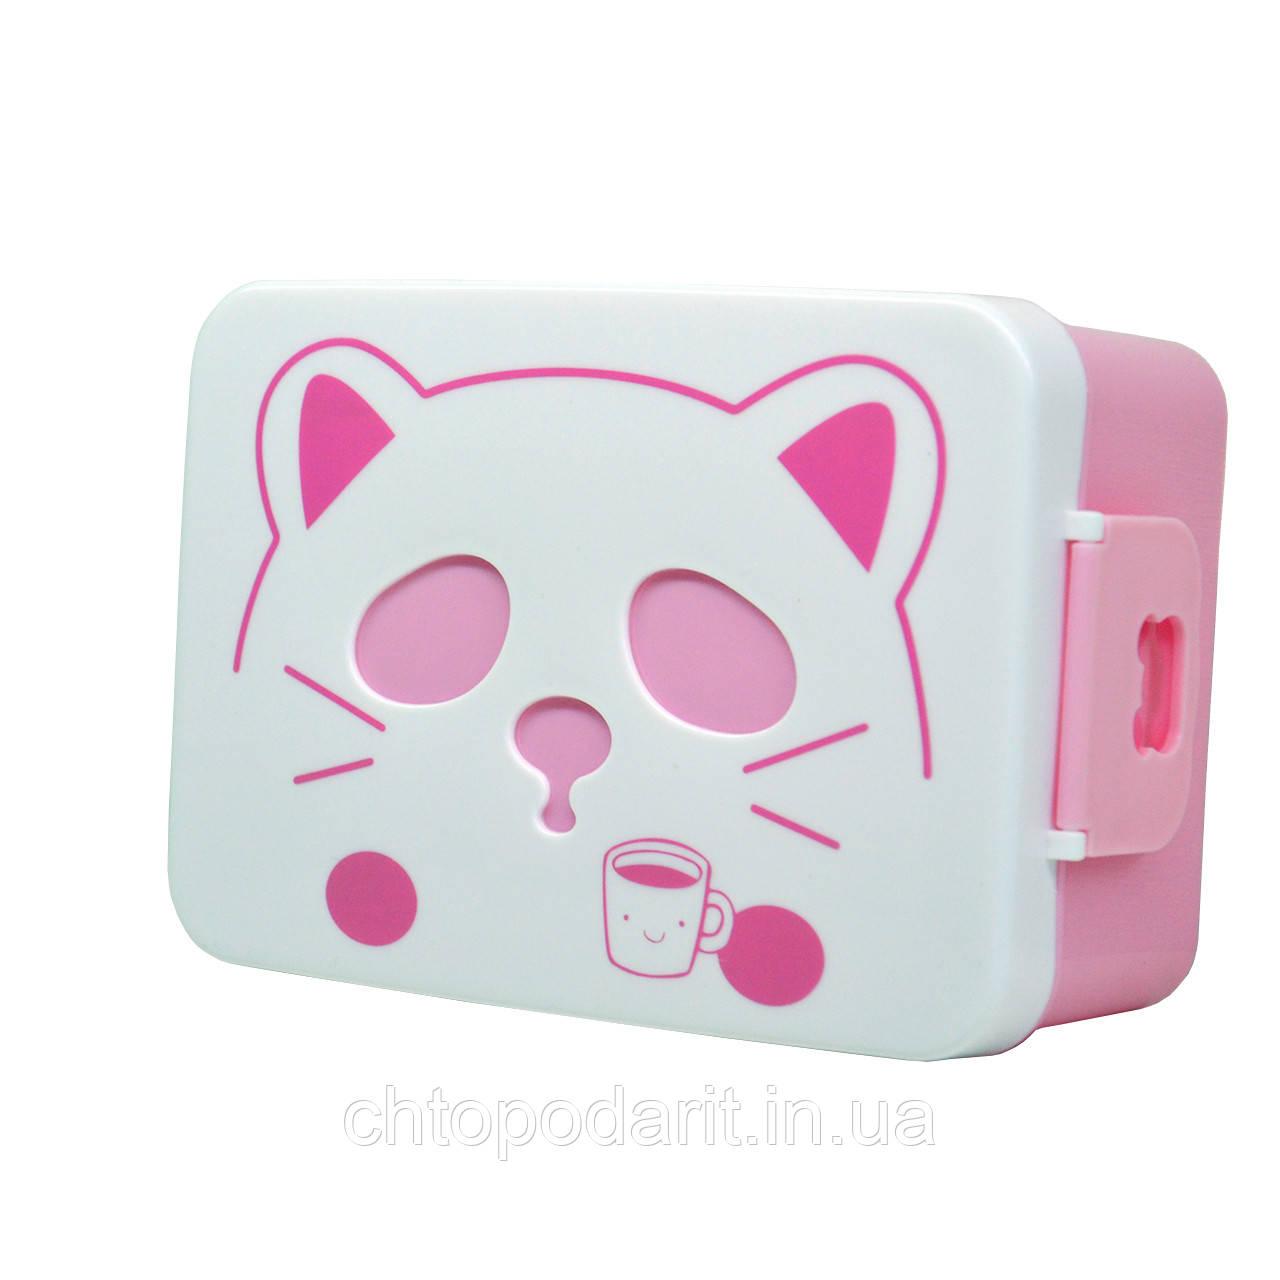 Контейнер для еды кот (розовый) Код 10-1879